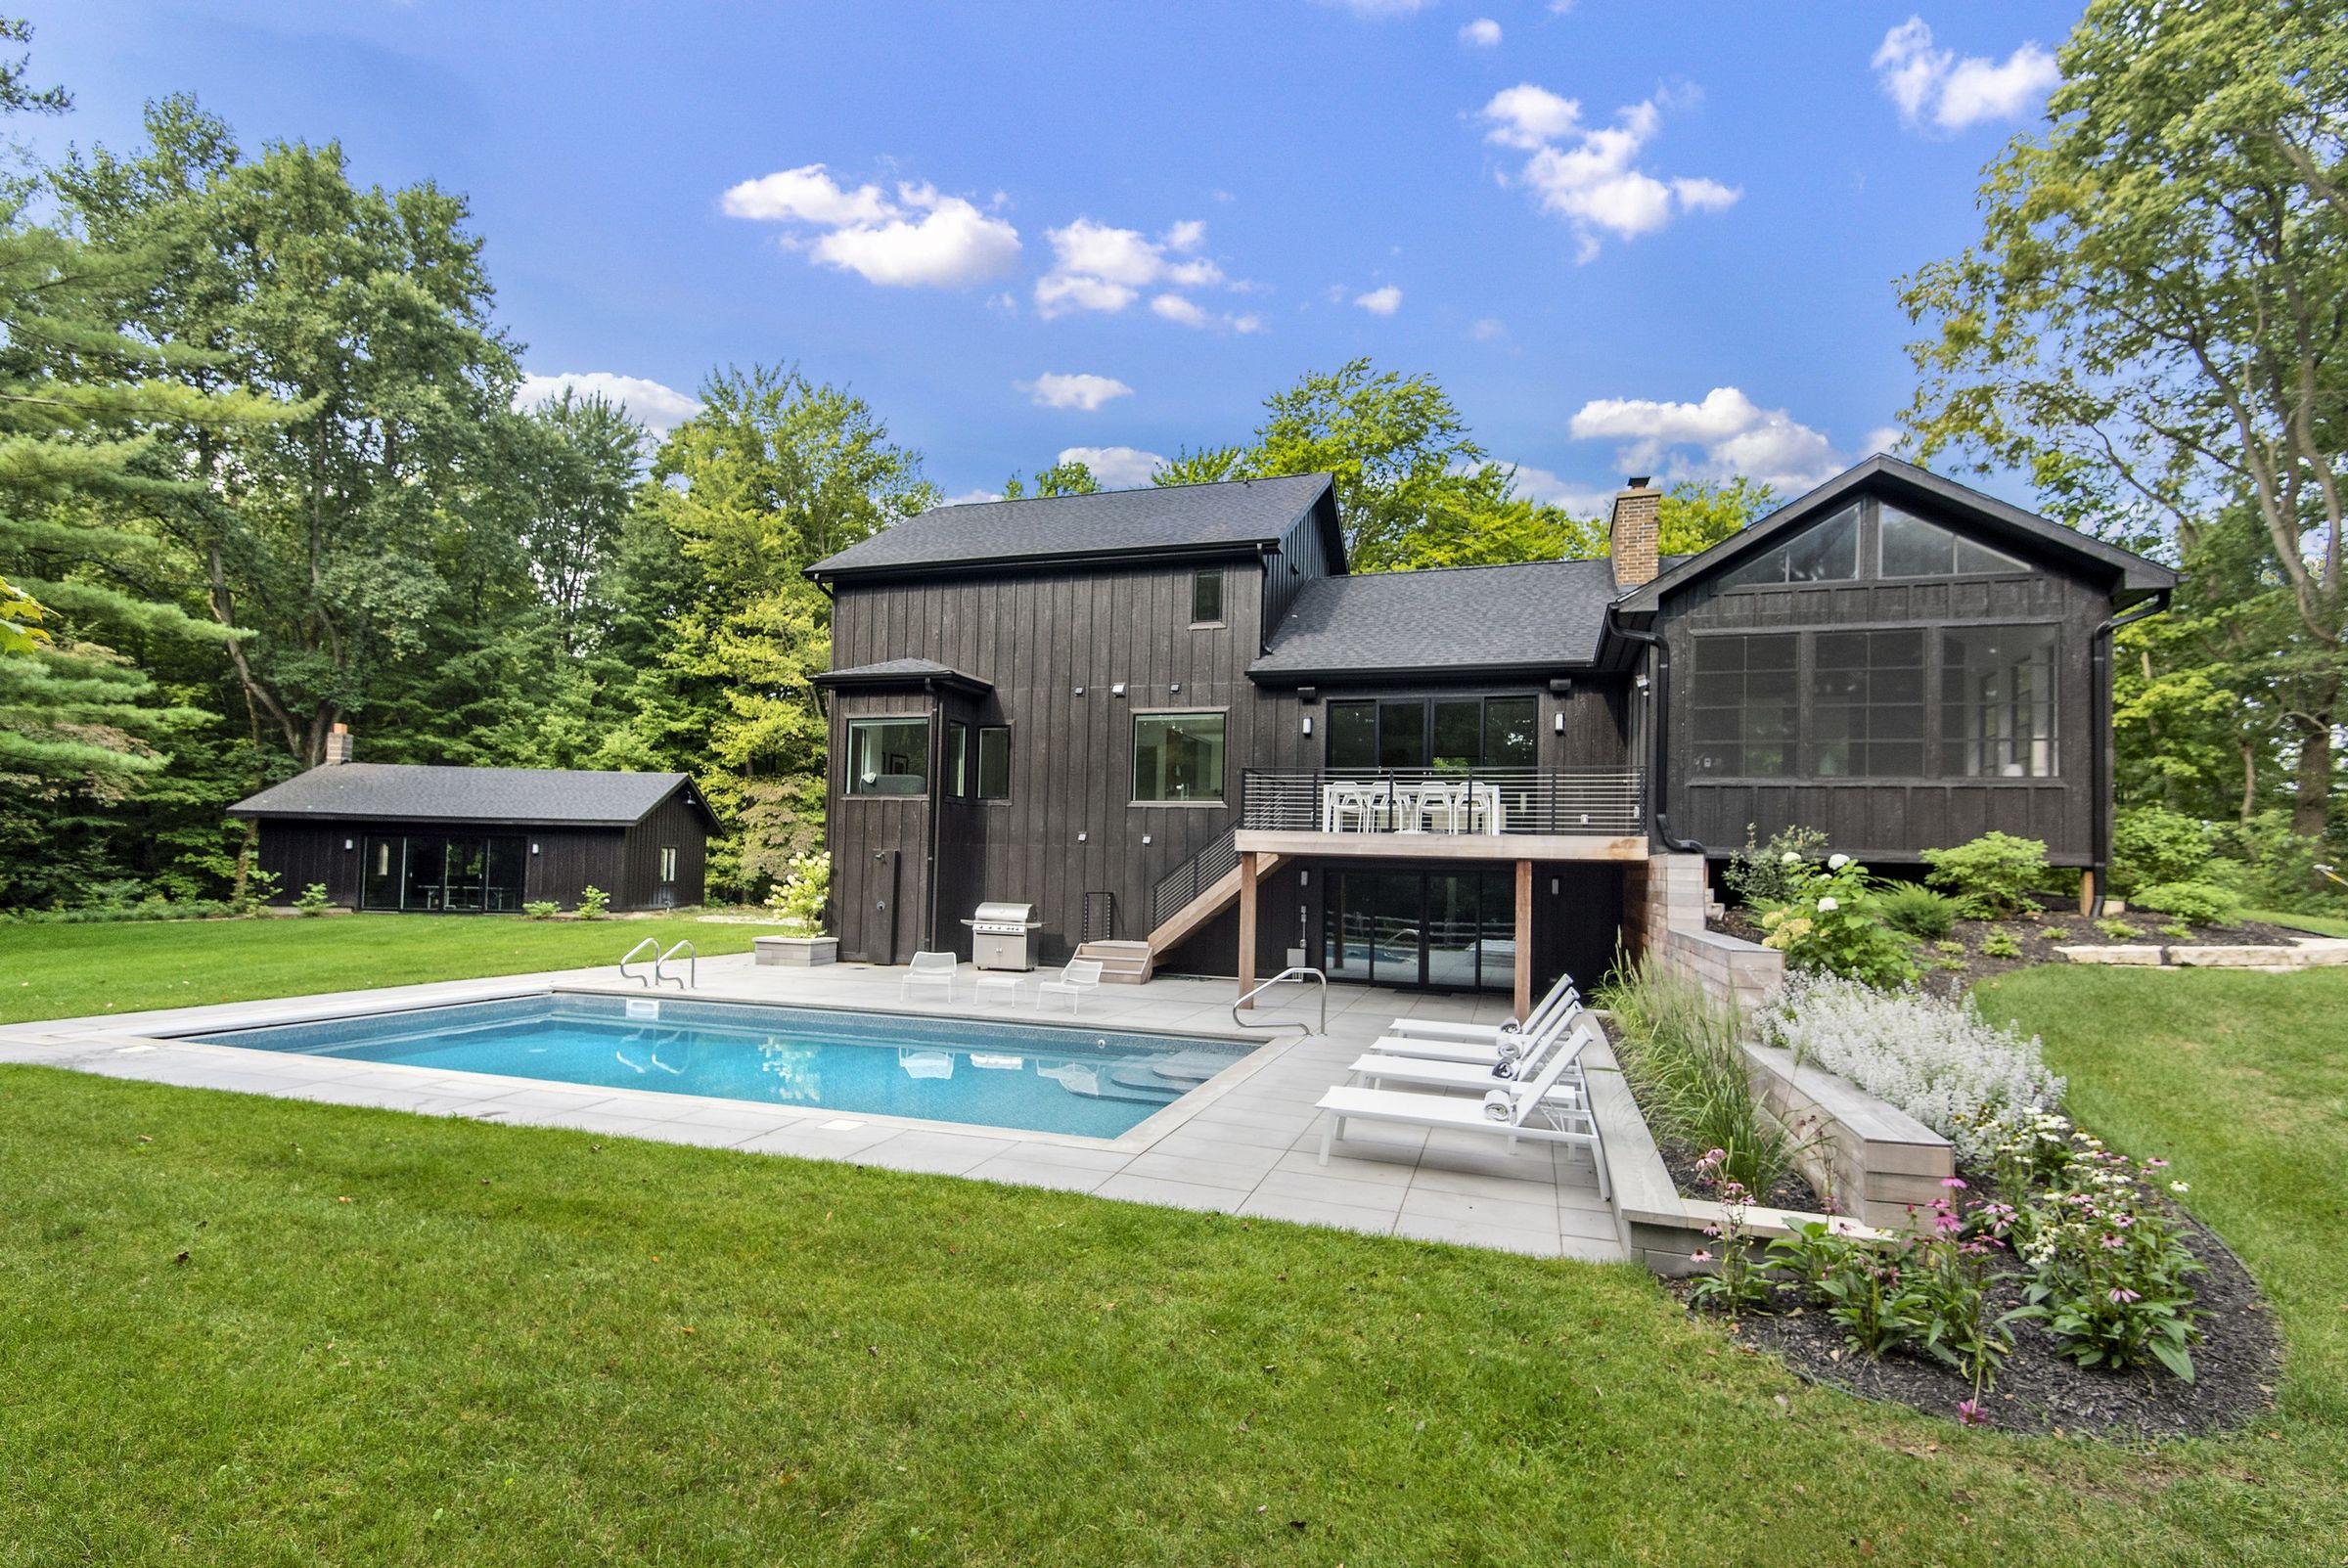 Black Modern Farmhouse Linc Thelen Design Medios De Comunicacion Fotos Y Videos 2 Archello